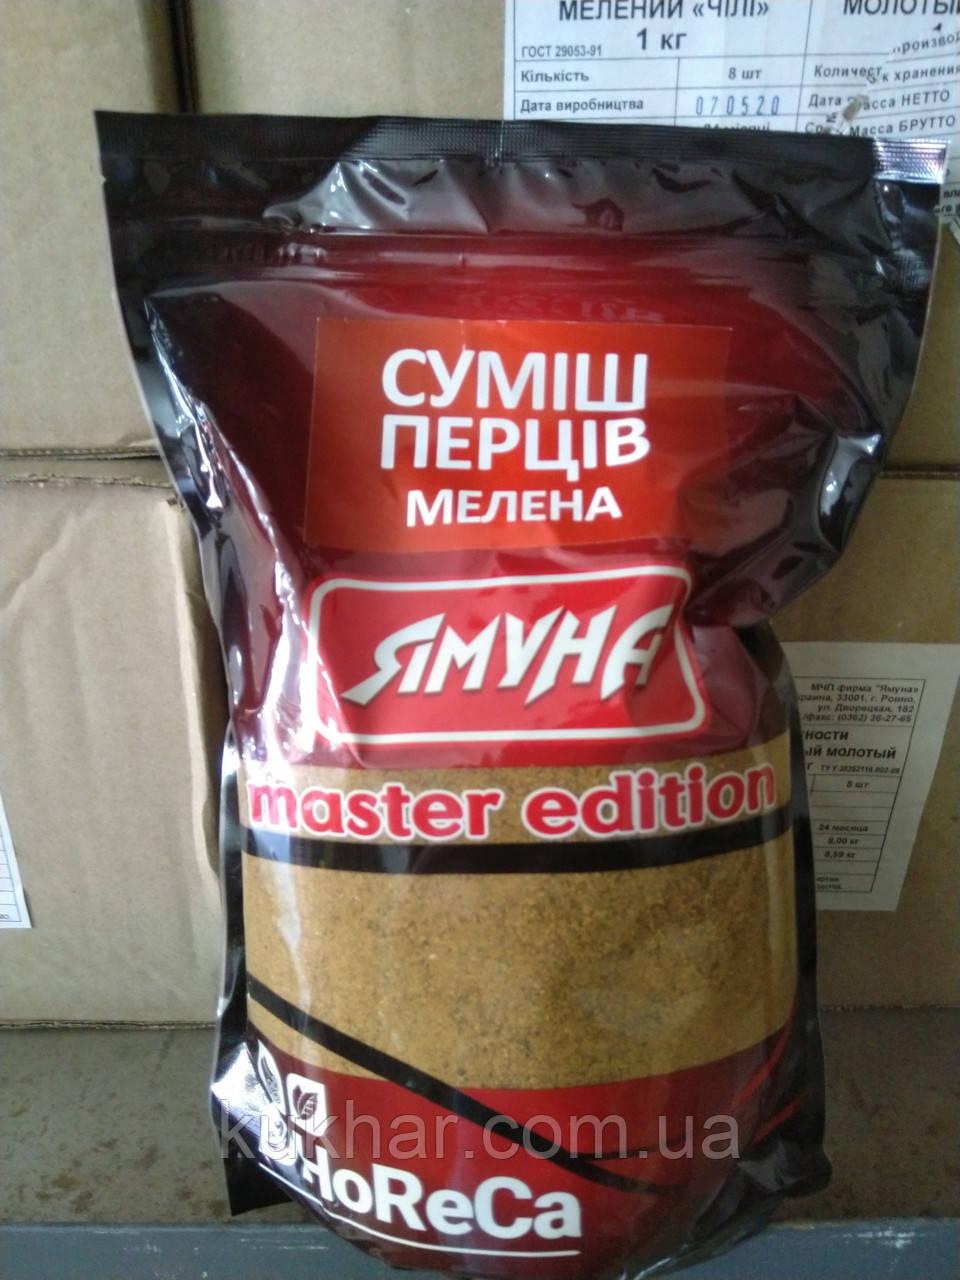 Суміш перців мелена 1кг